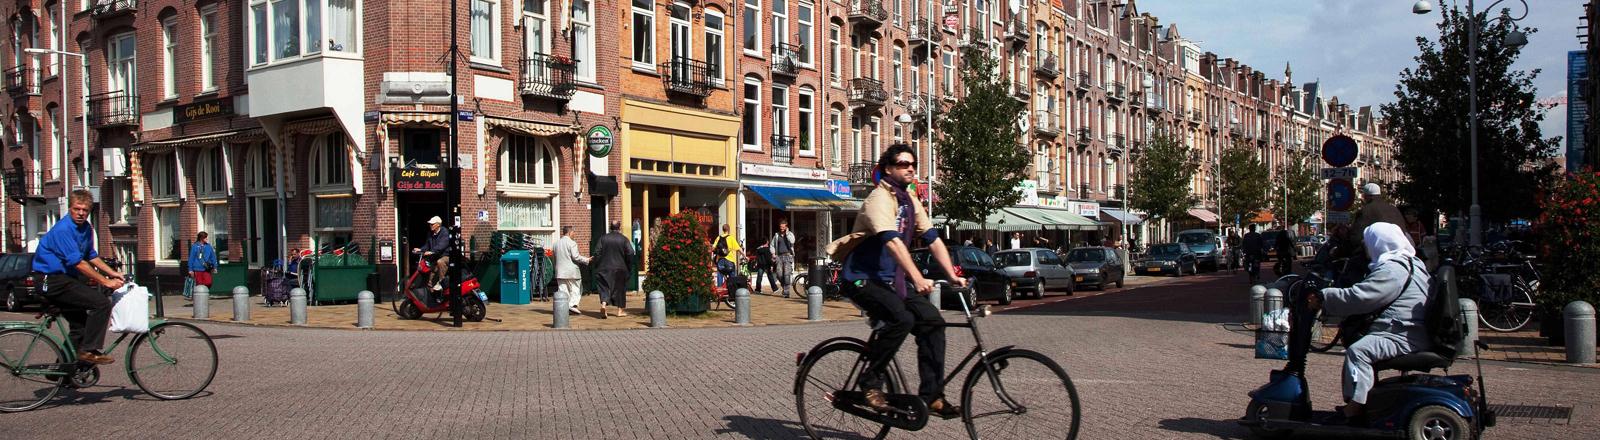 Die Javastraat in Amsterdam